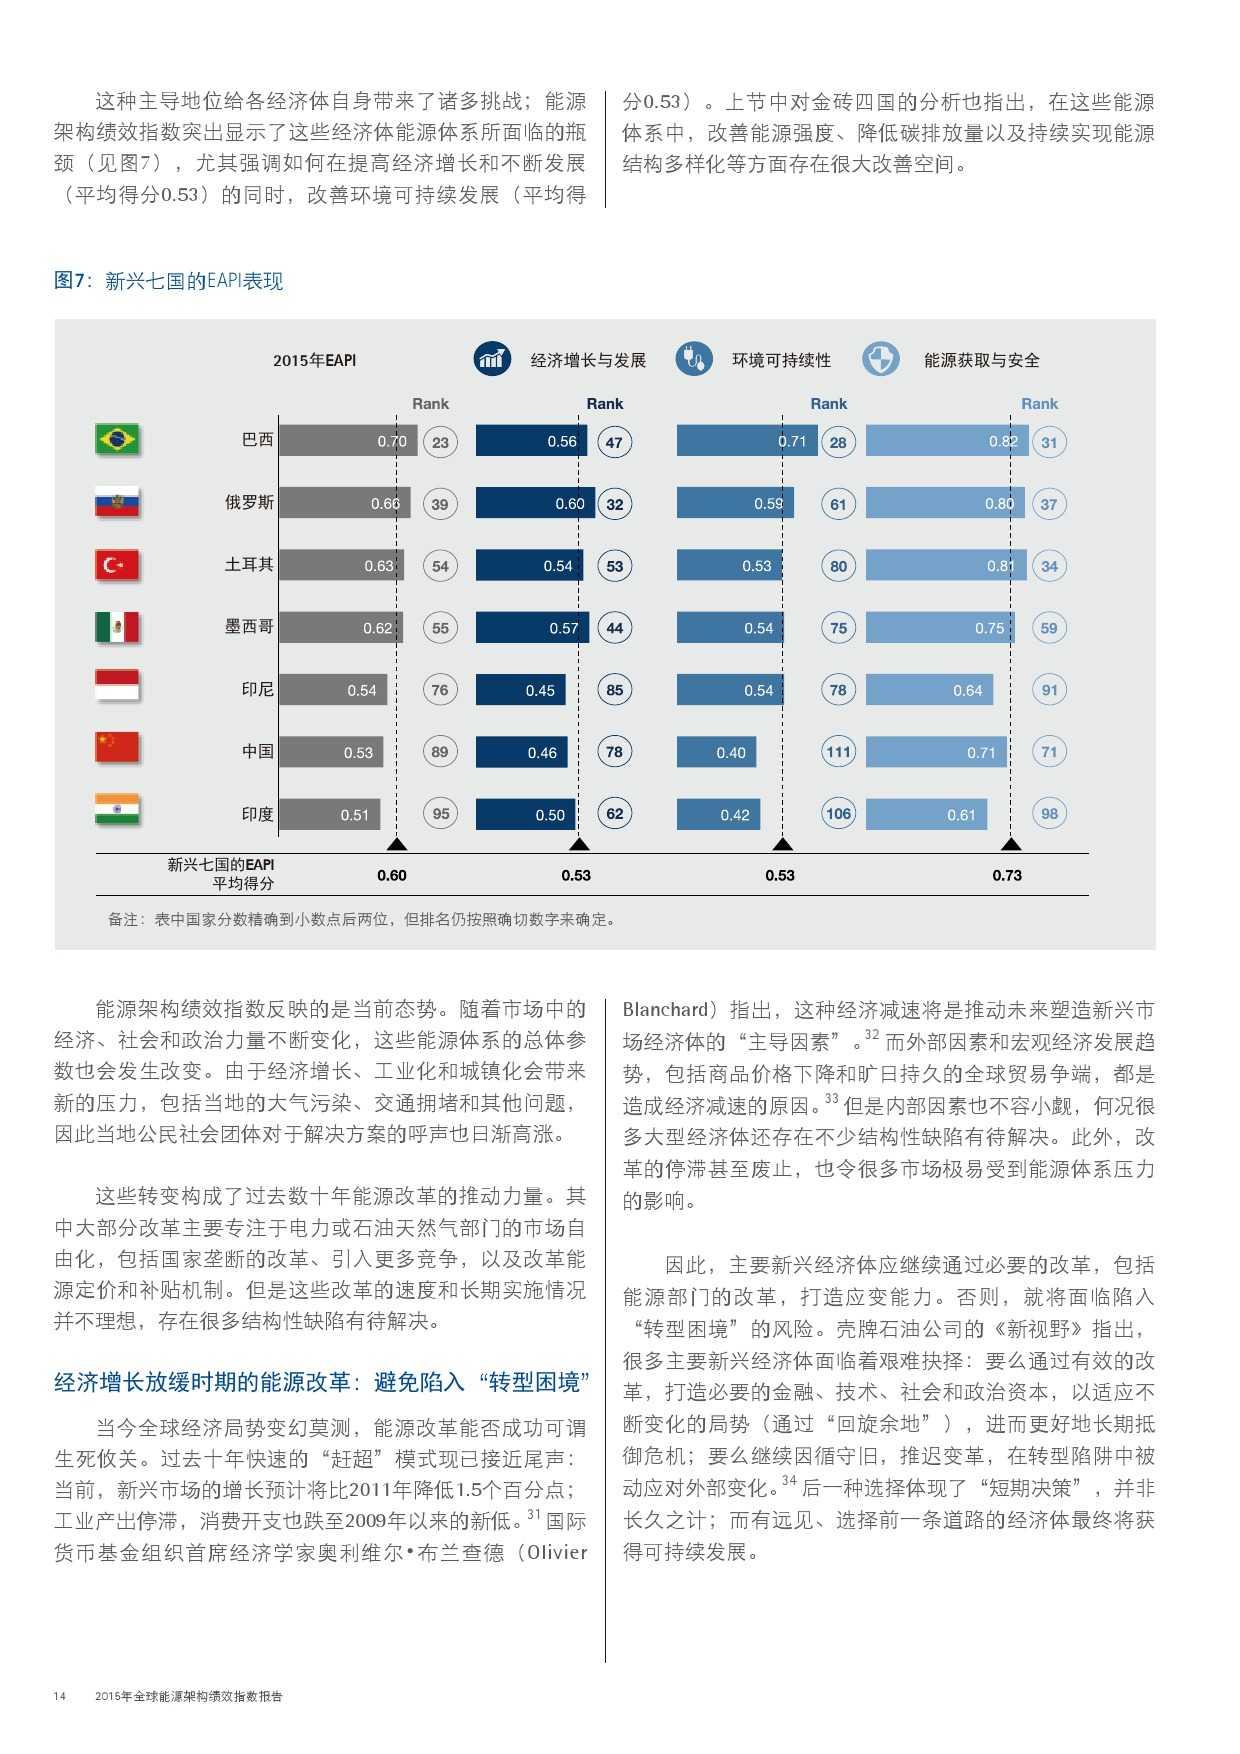 埃森哲:2015年全球能源架构绩效指数报告_000014